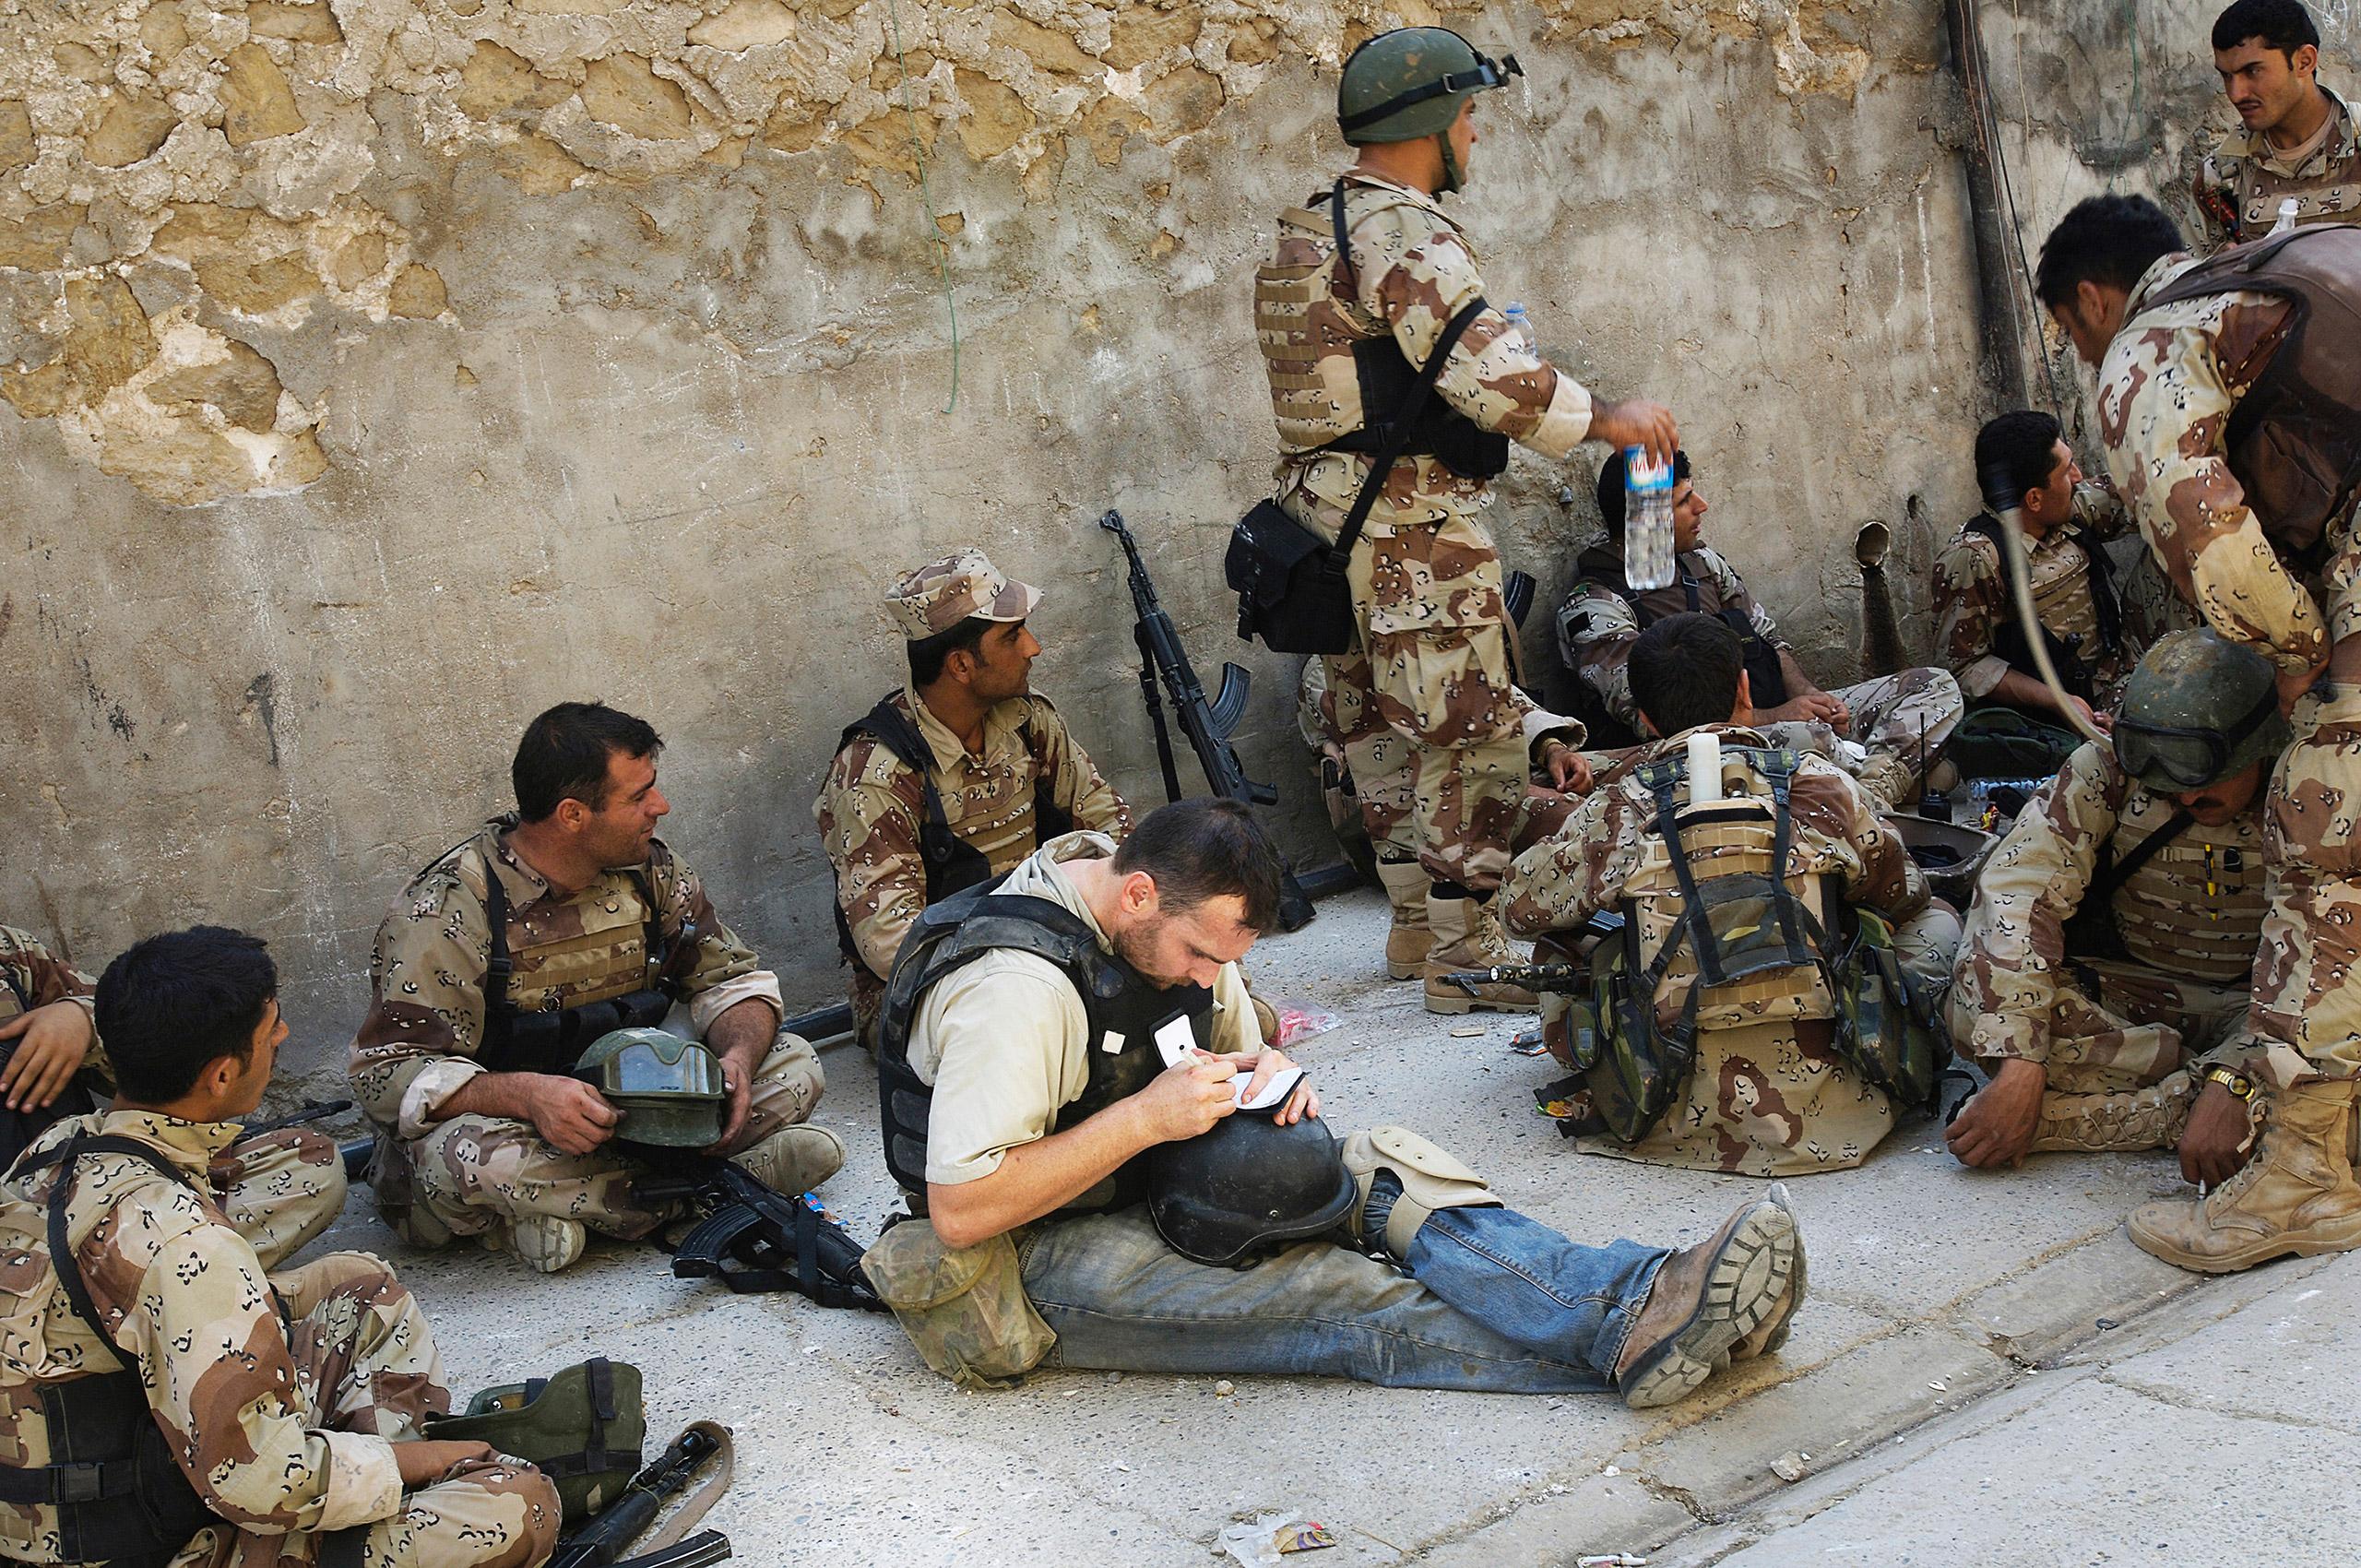 Michael Ware in Iraq.